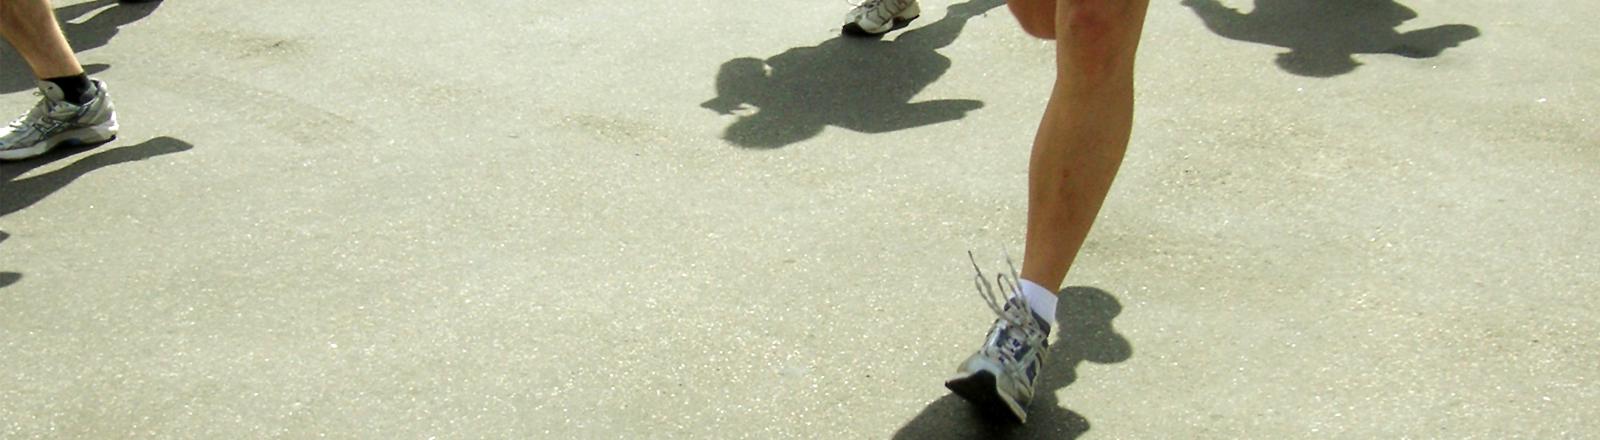 Füße von Läufern